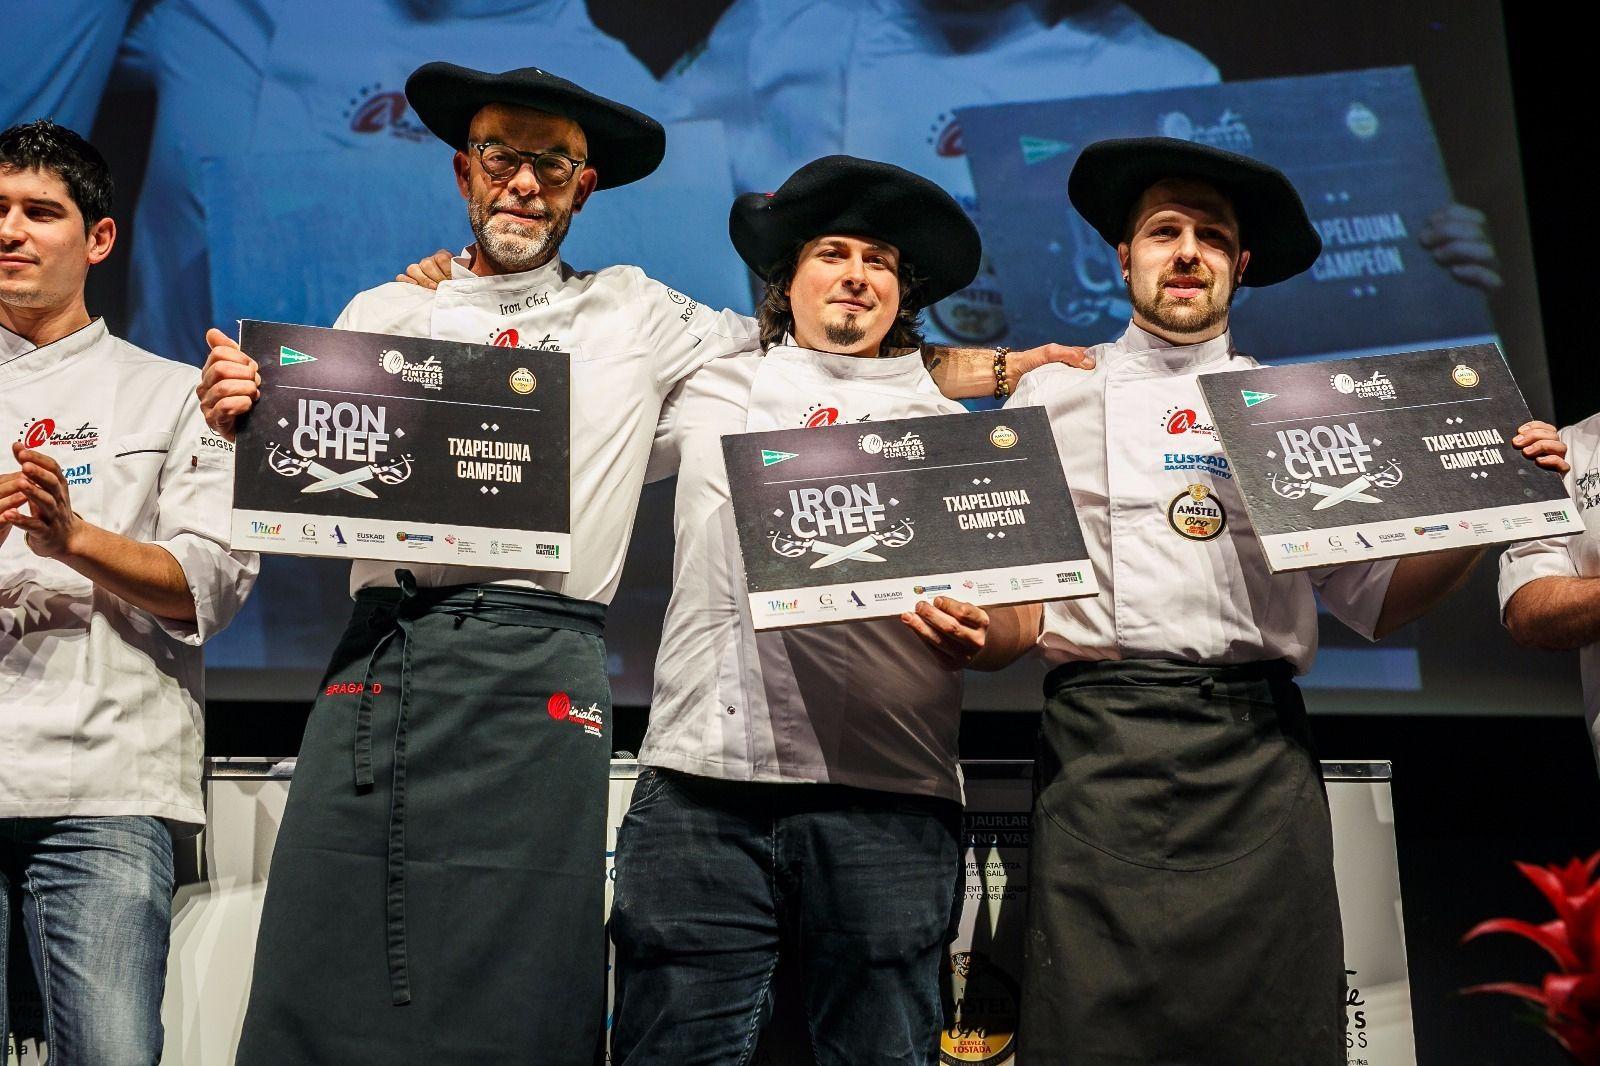 MInaiture-Iron-Chef-Alava-Campeón